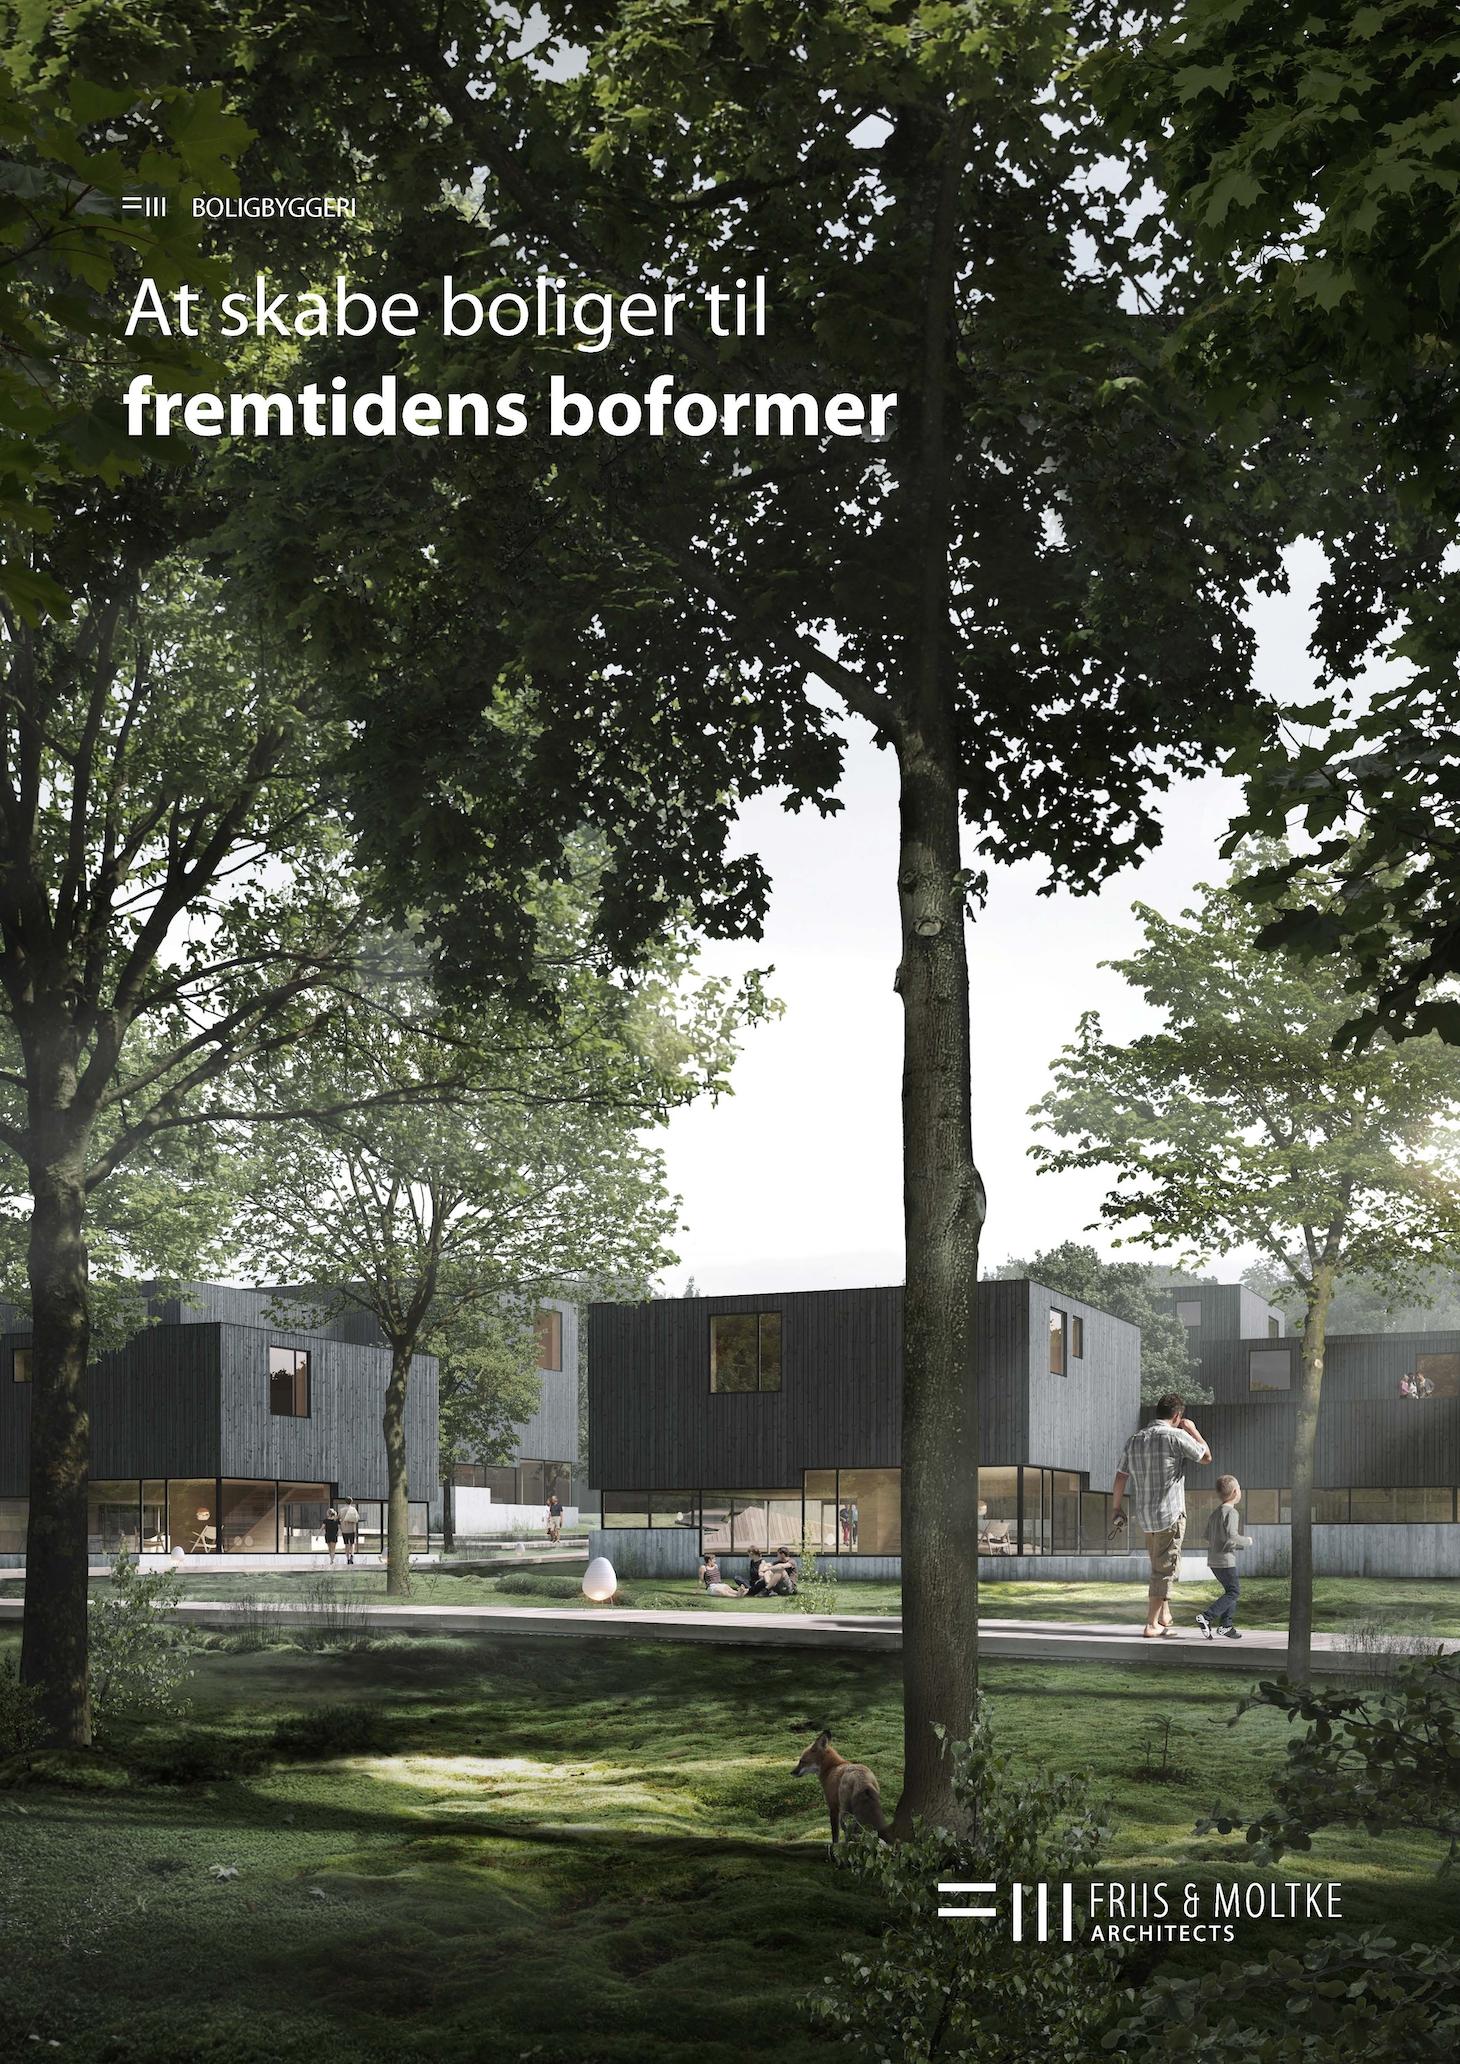 At skabe boliger til fremtidens boformer